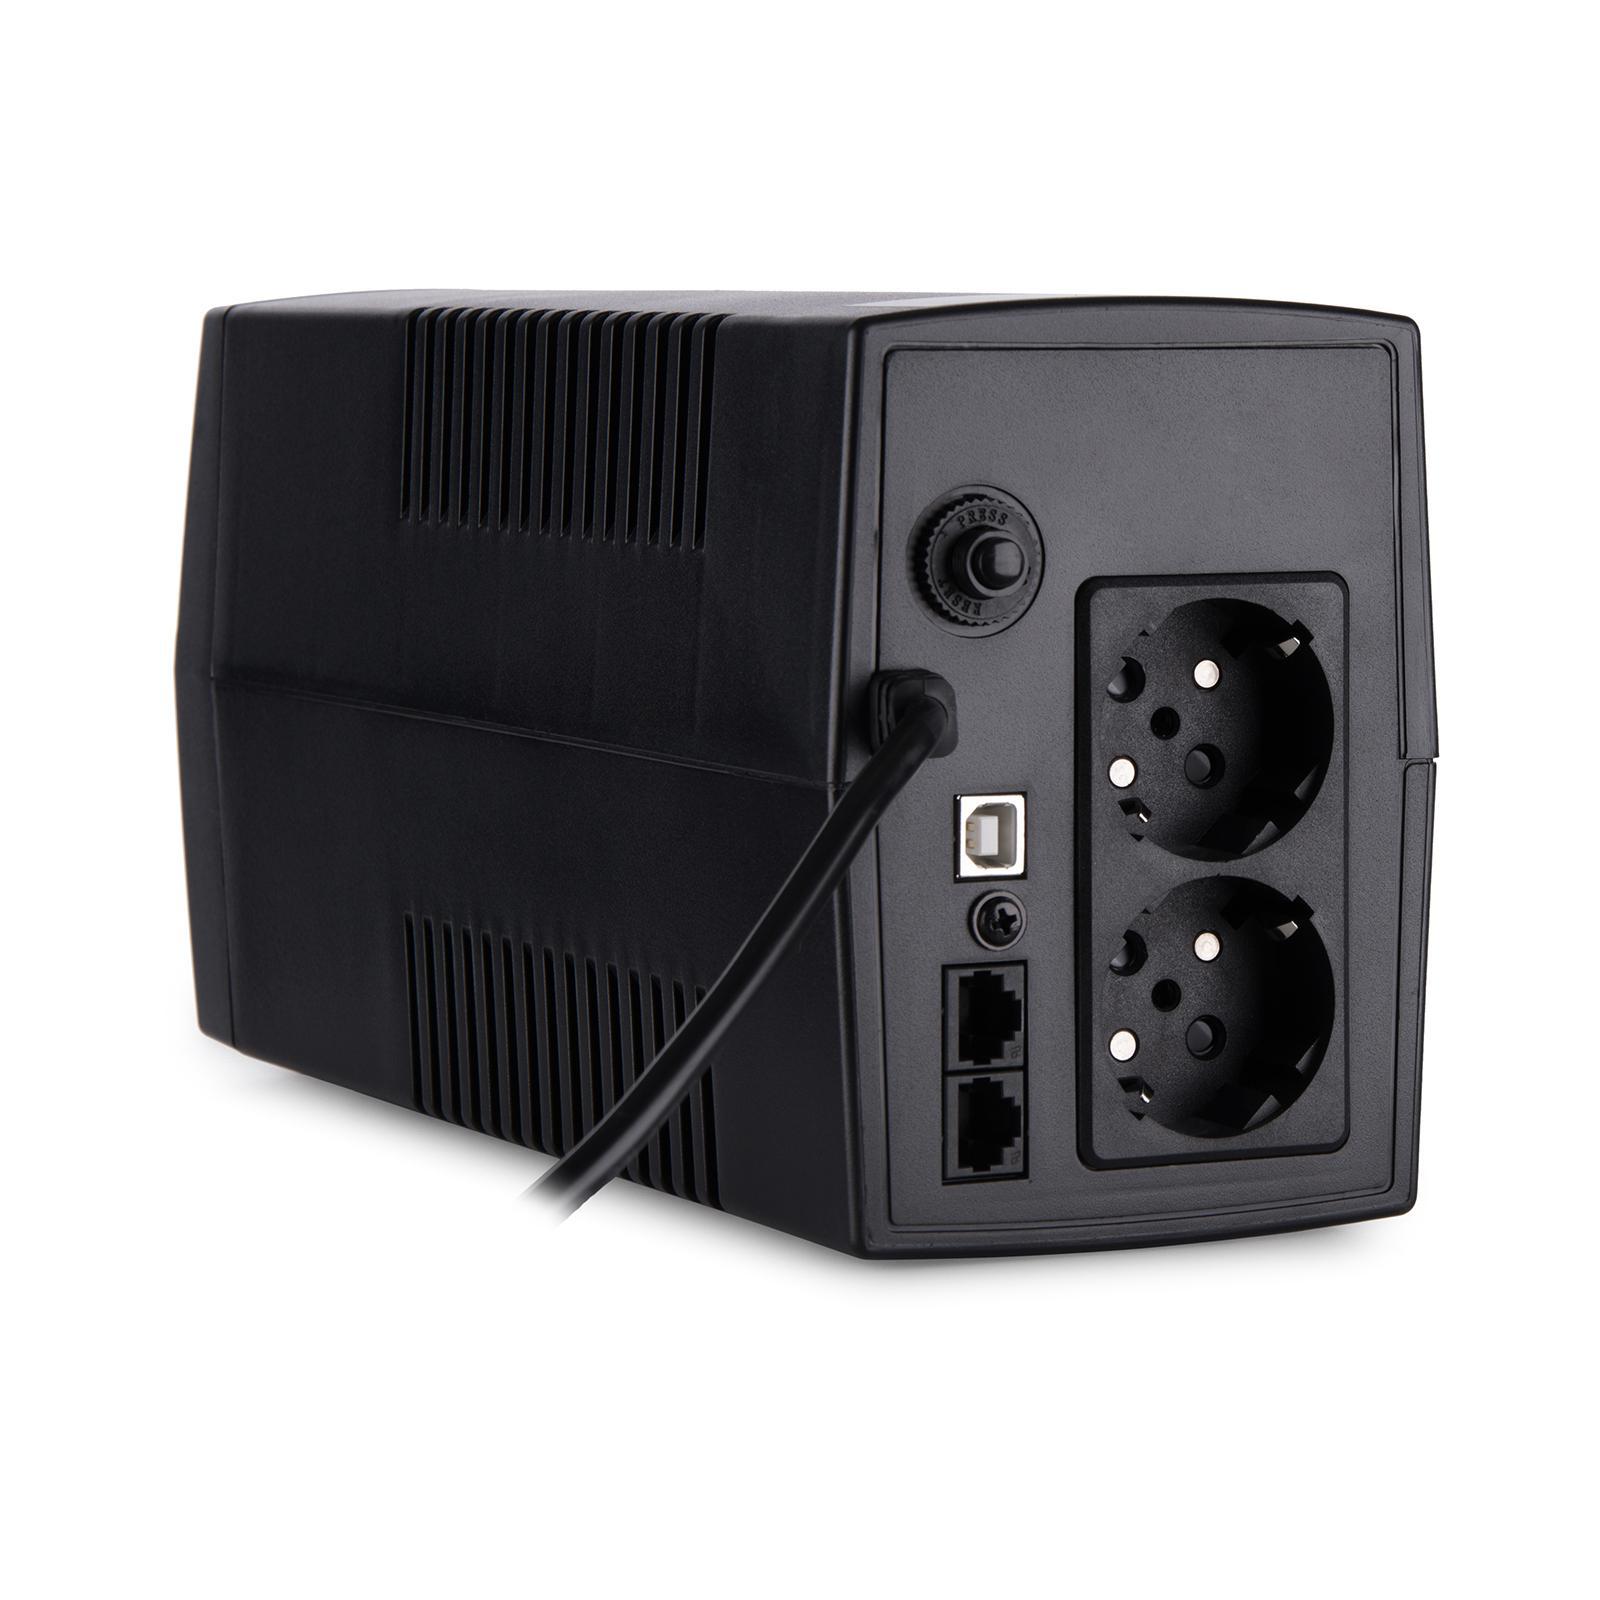 Источник бесперебойного питания Vinga LCD 800VA plastic case with USB (VPC-800PU) изображение 5